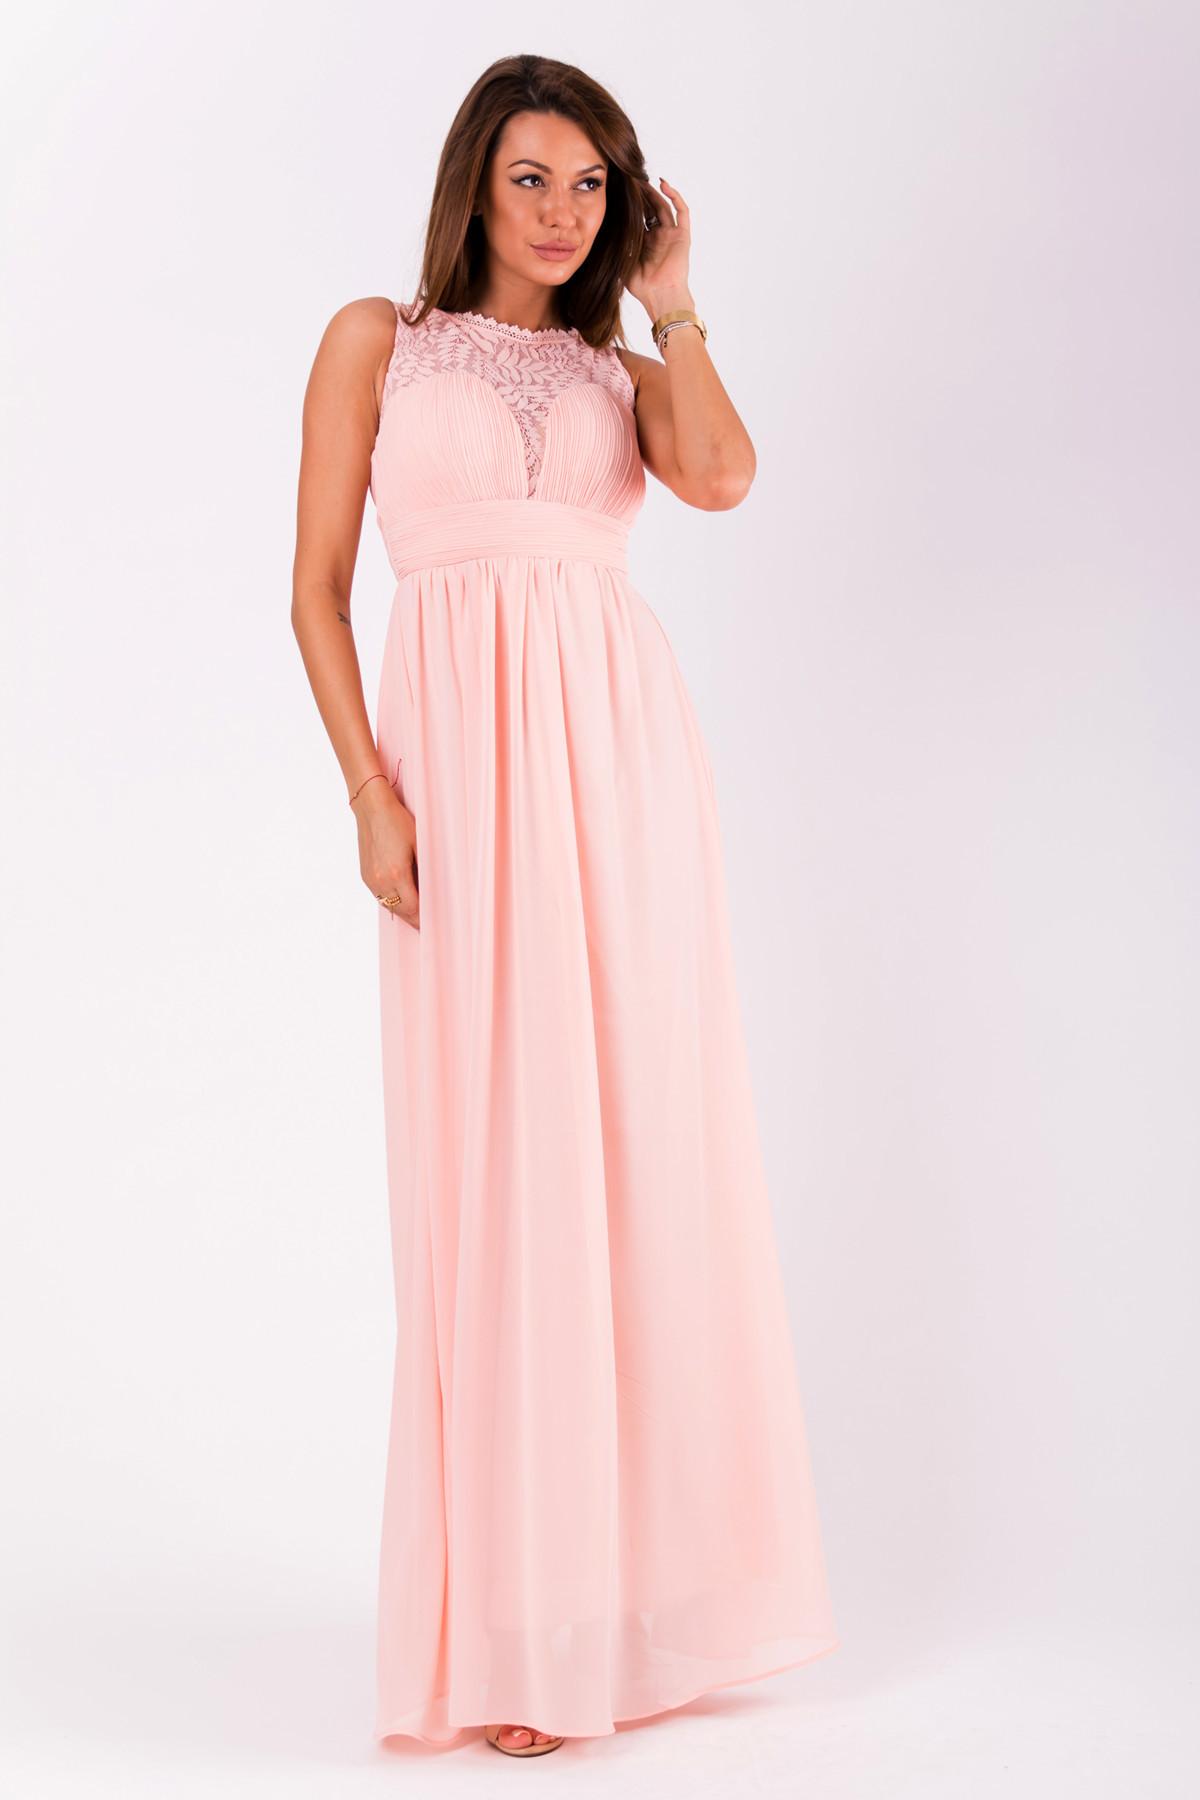 Společenské dámské šaty EVA&LOLA bez rukávů dlouhé - Růžové L